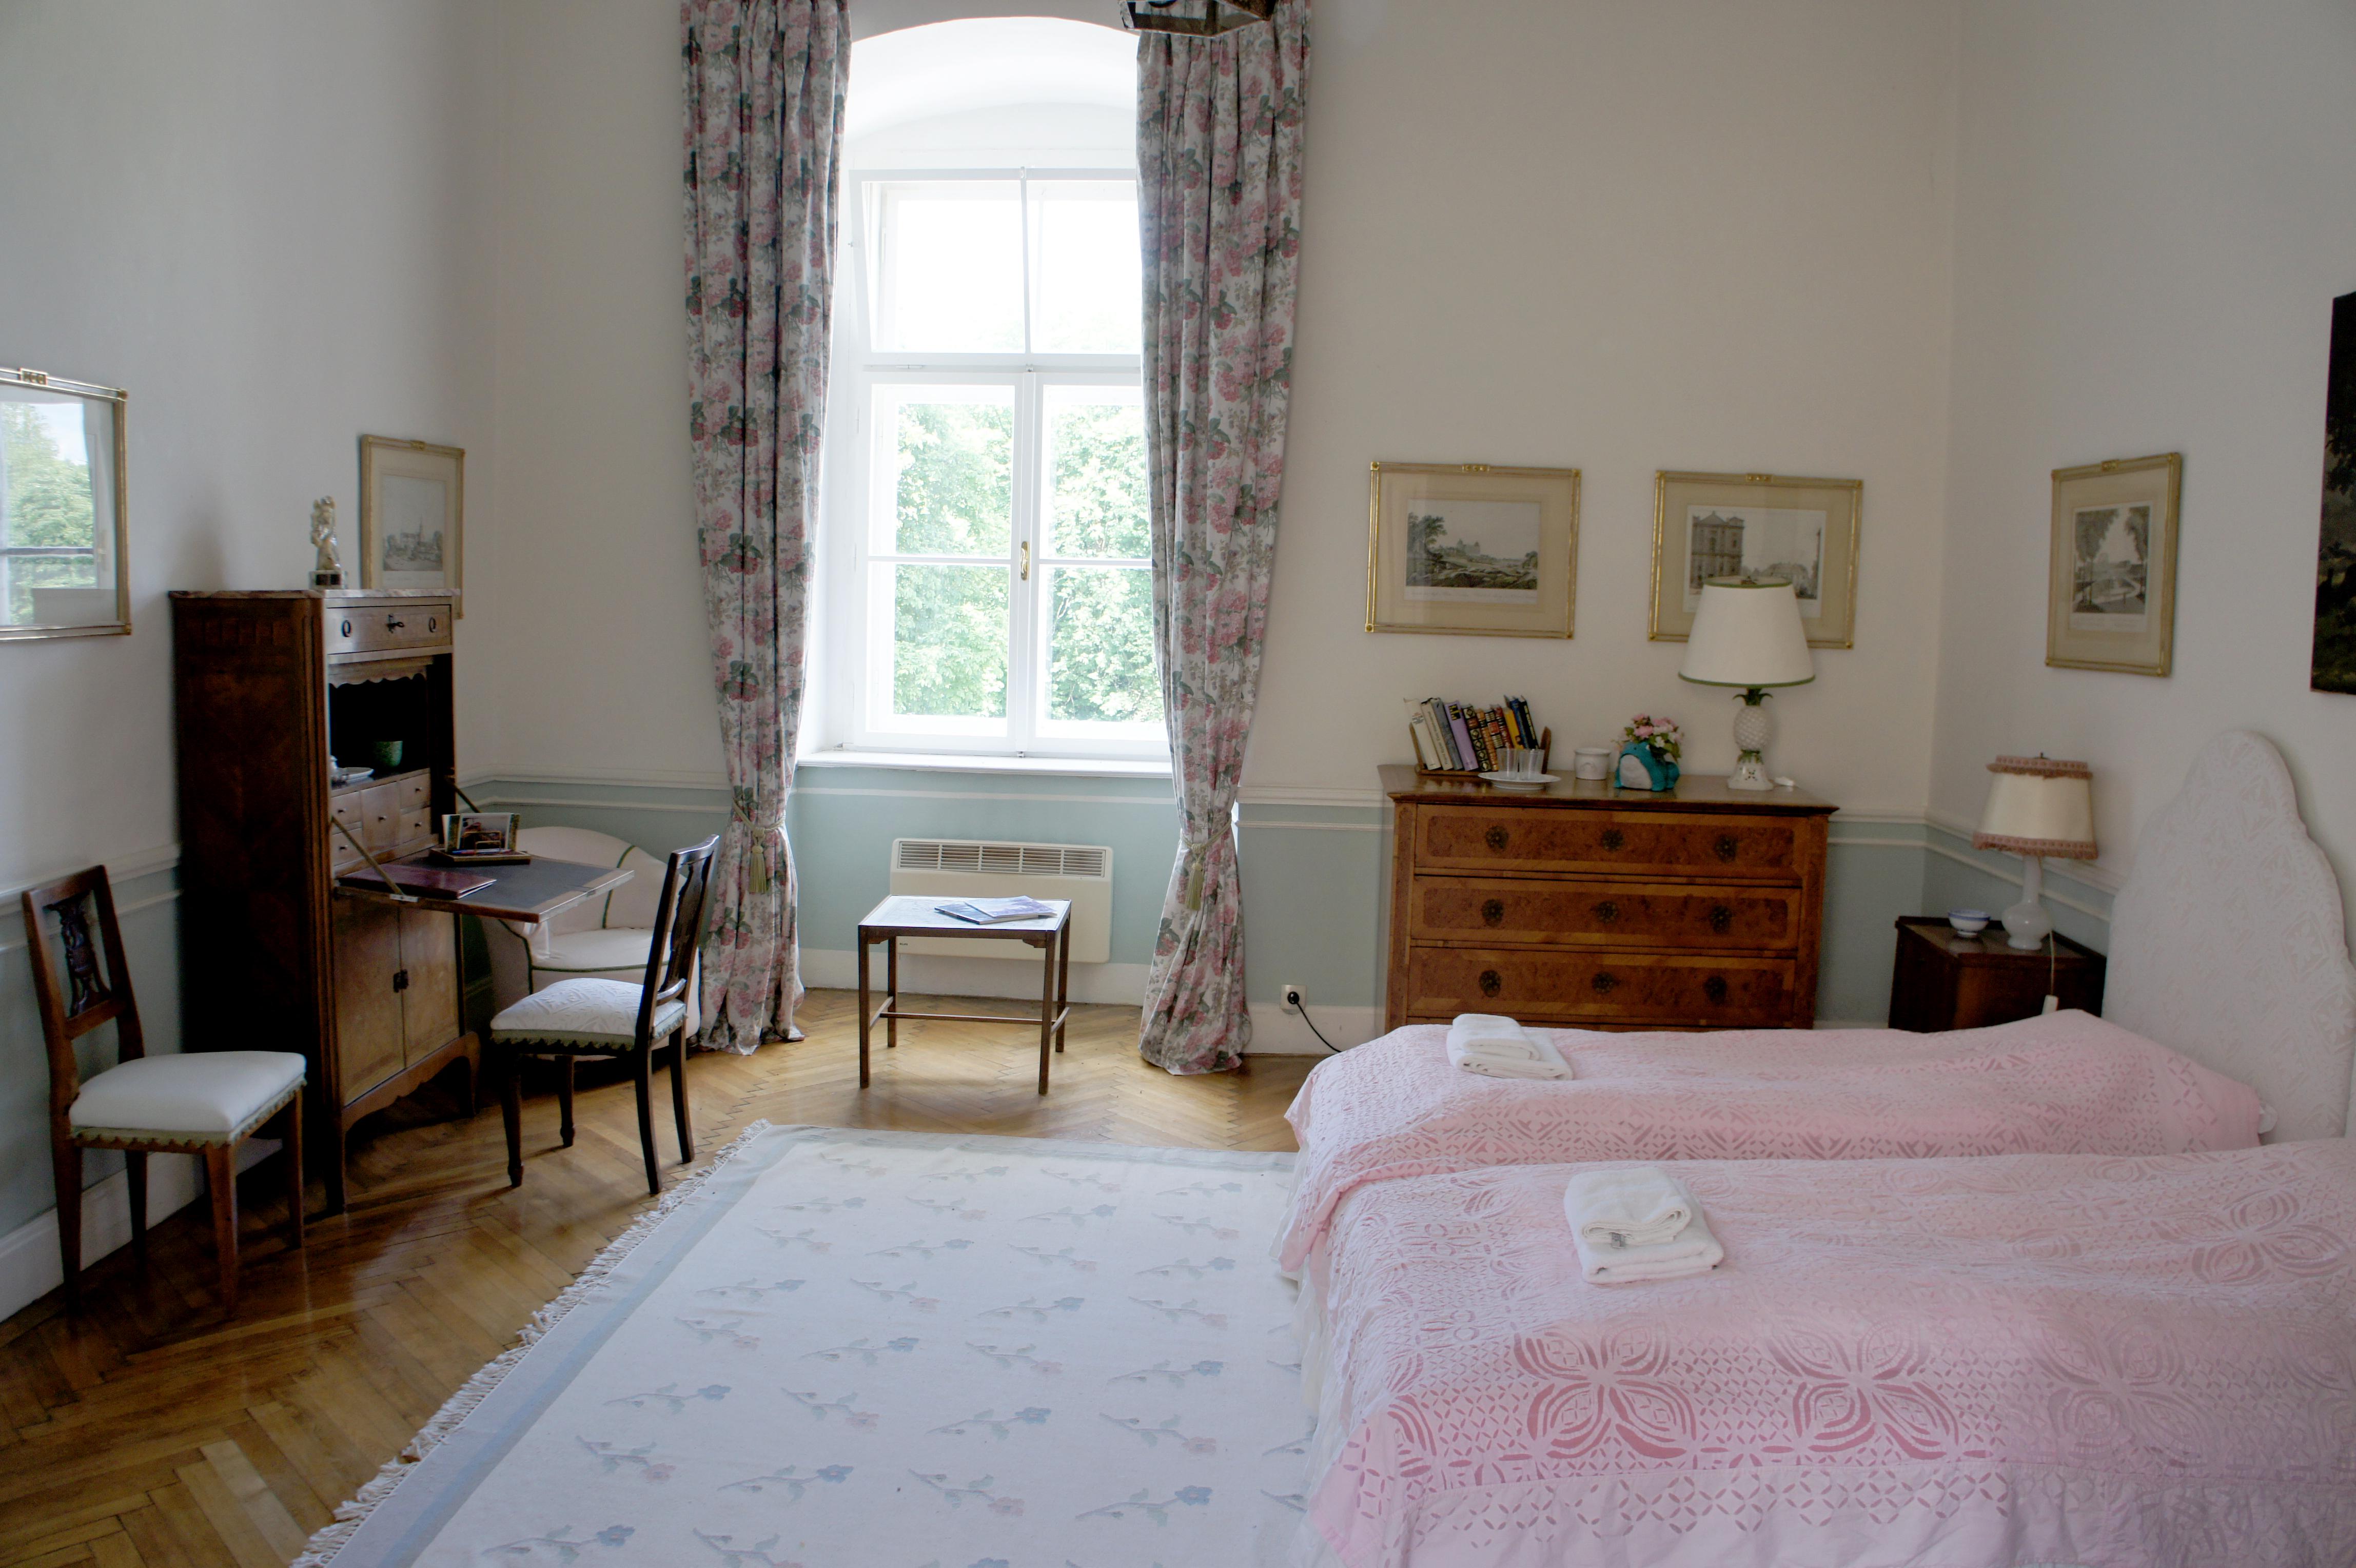 Appartement de vacances Luxuriöses, einzigartiges barockes Schloss, aufwendig eingerichtet (2306589), St. Pölten, Mostviertel, Basse Autriche, Autriche, image 11